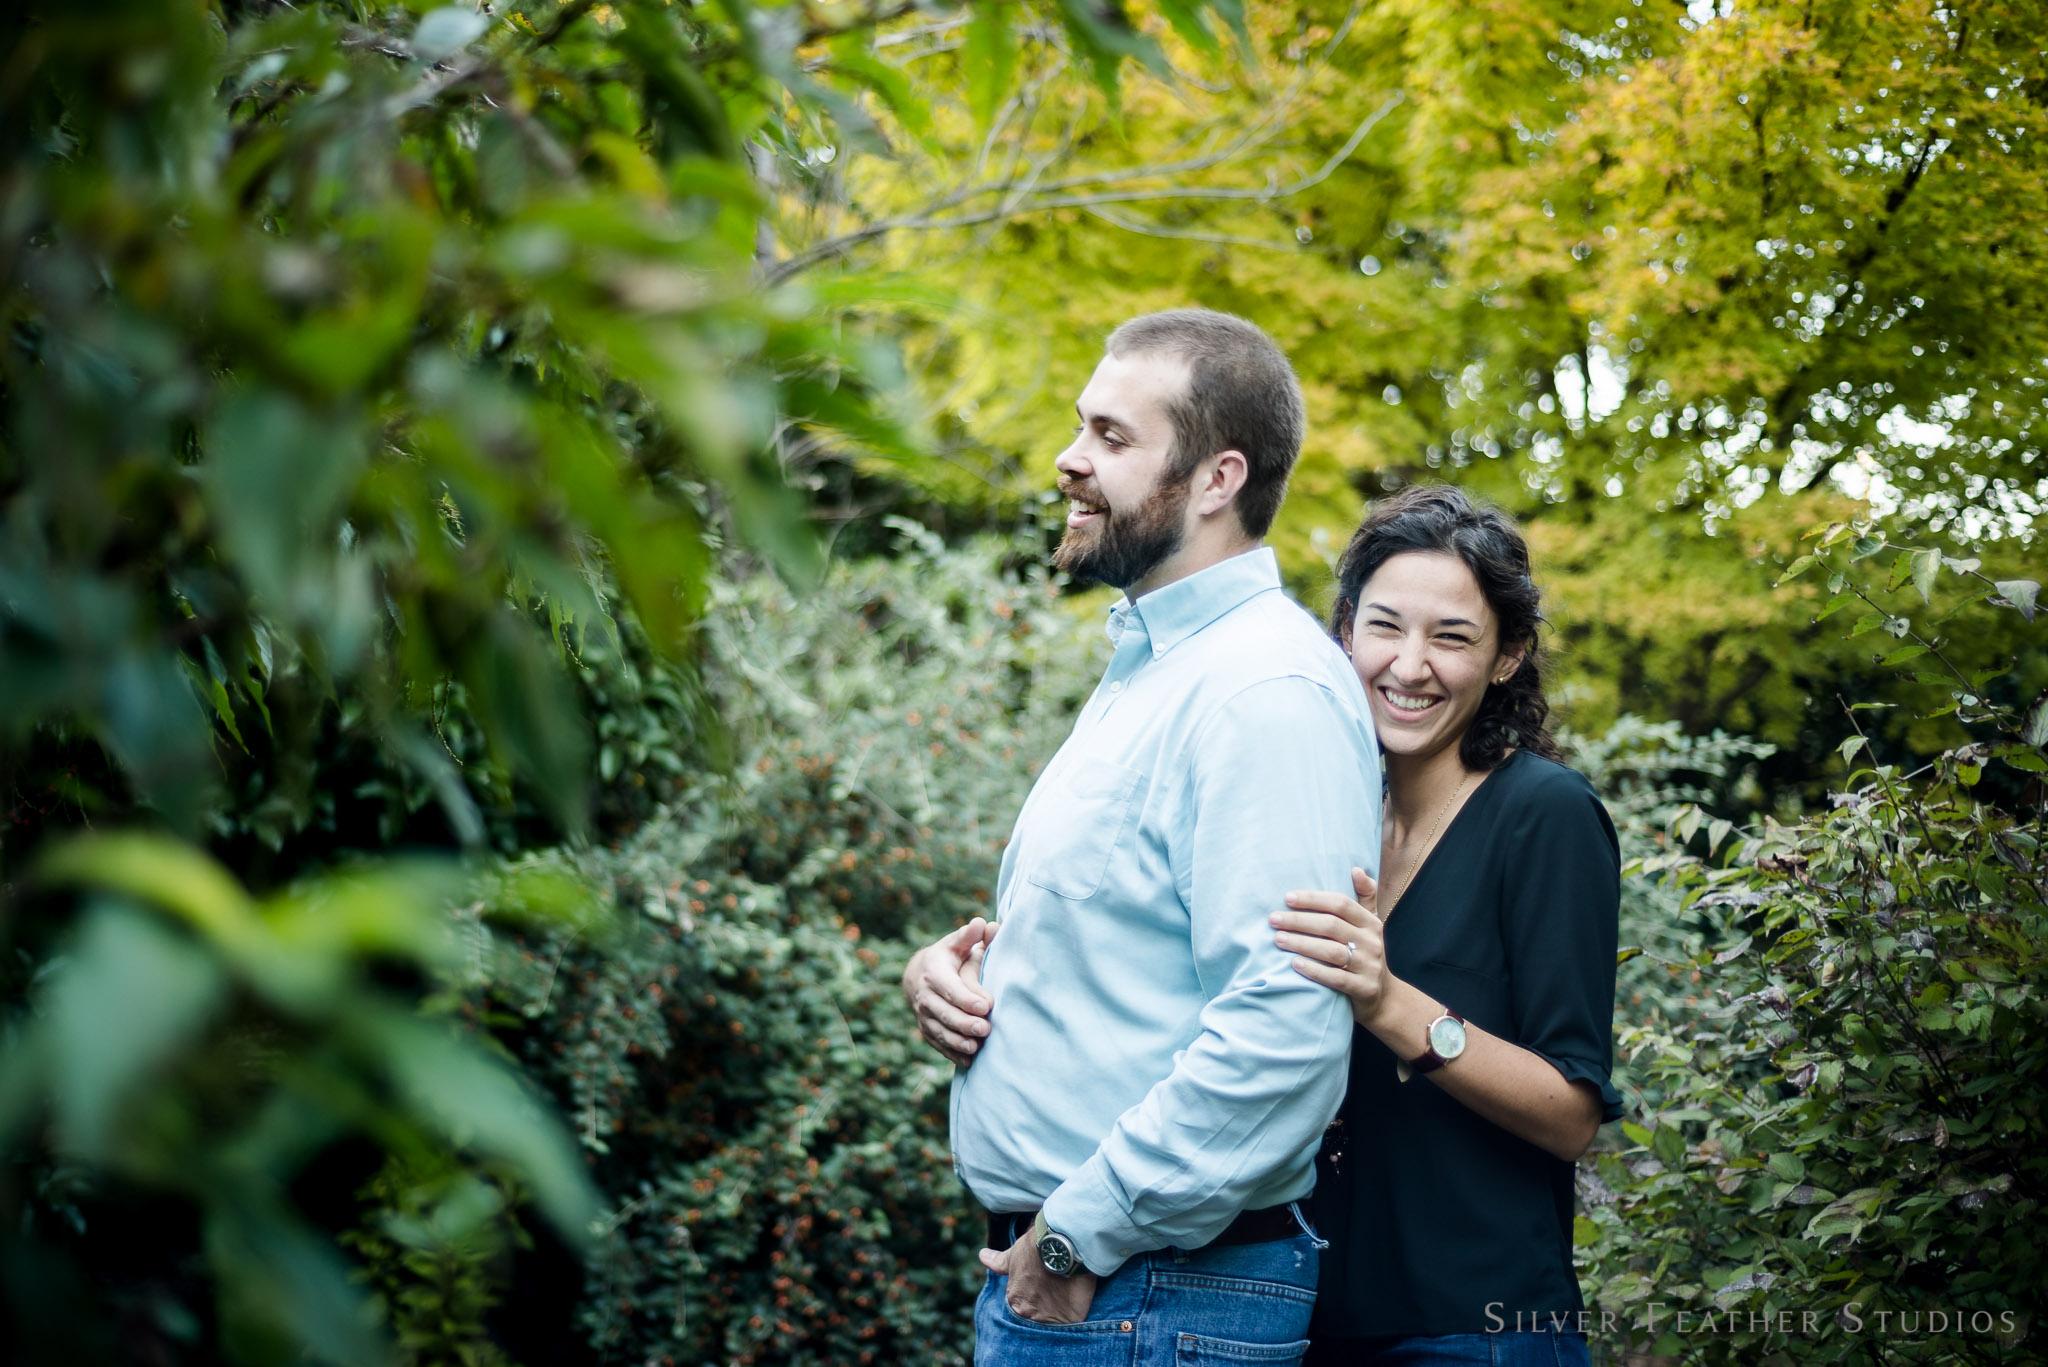 jc-raulston-arboretum-engagement-008.jpg